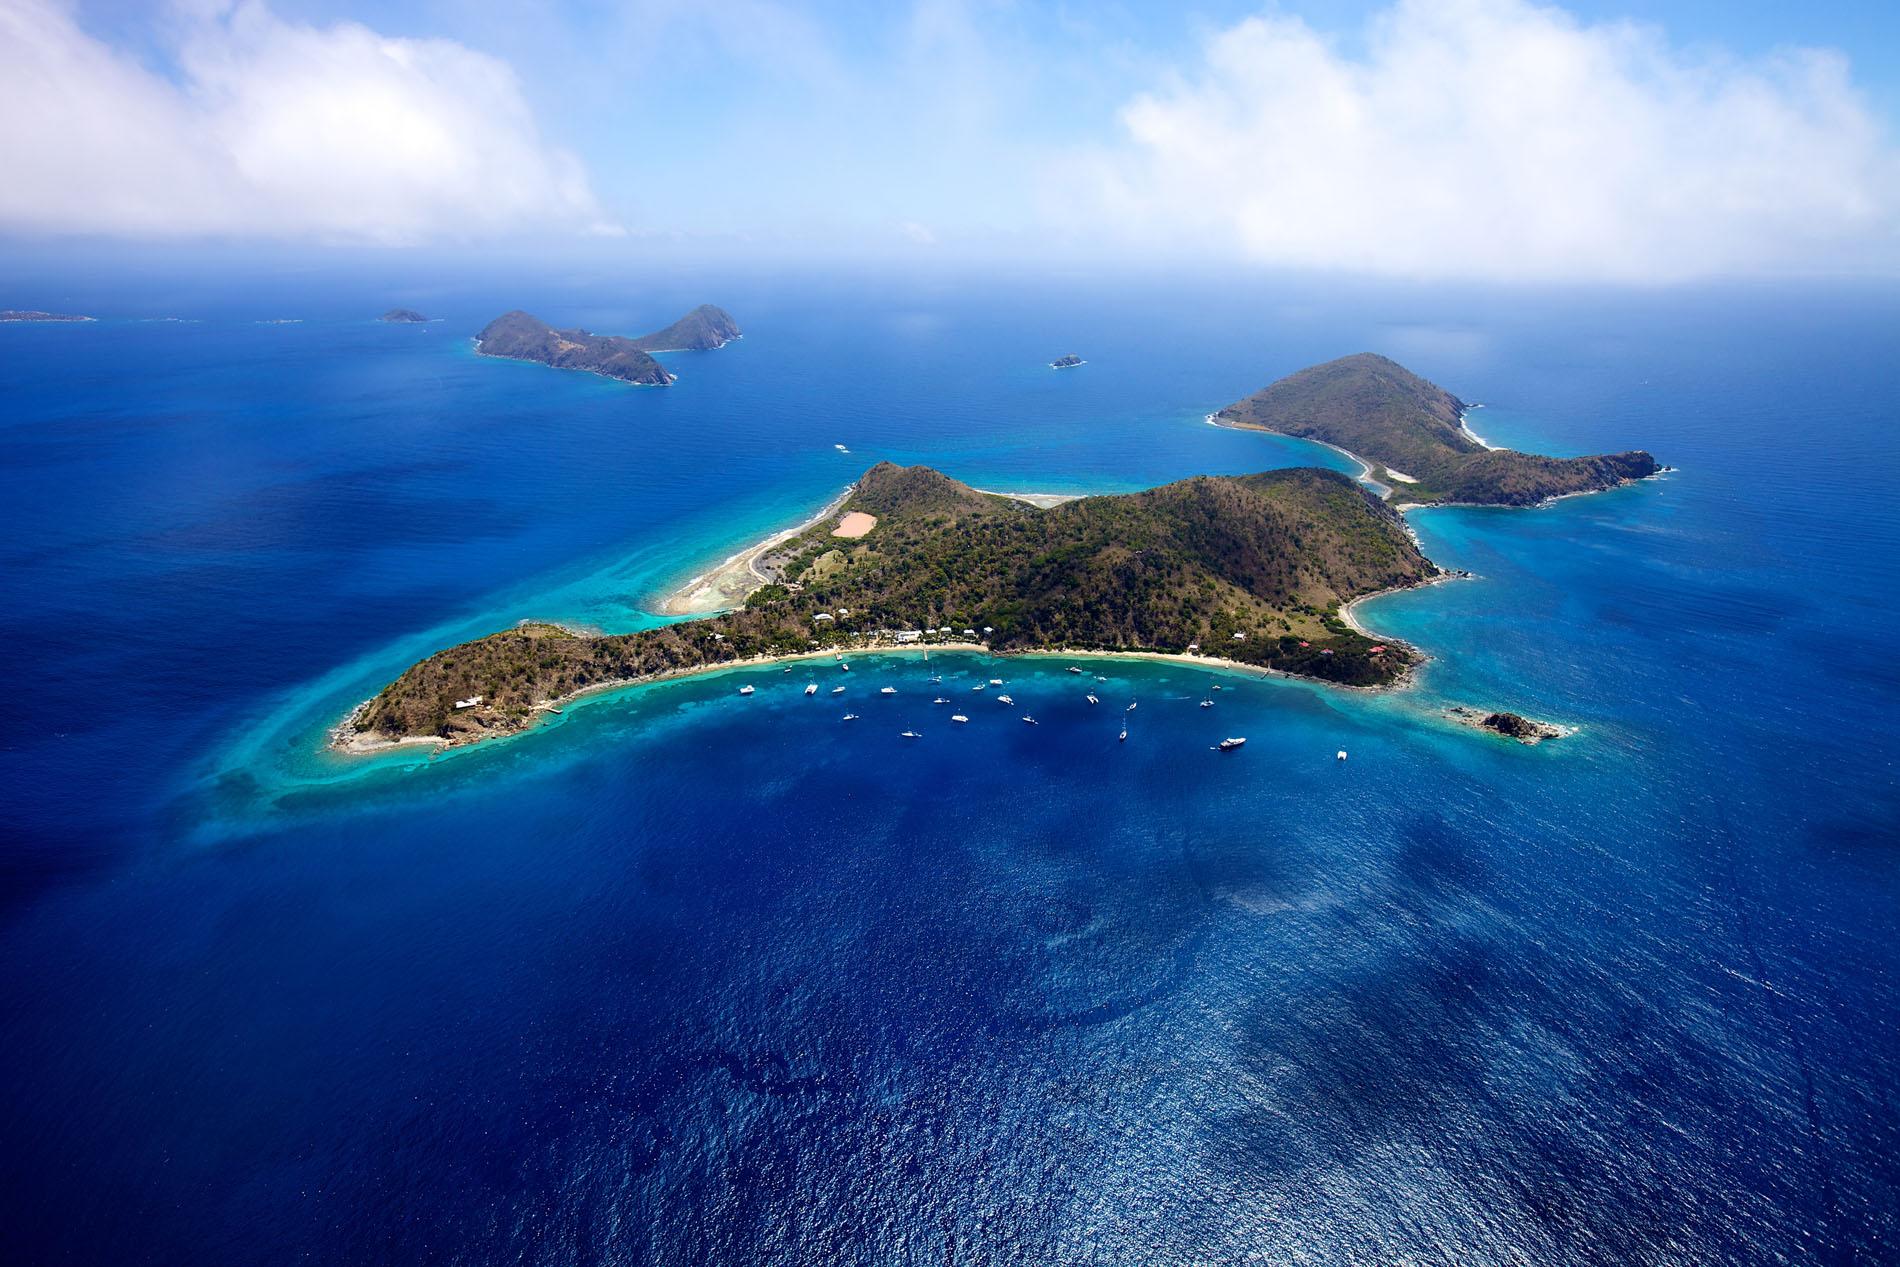 Croisières de Jean - Iles Vierges Britanniques - Ile de Guana -@marie-claire